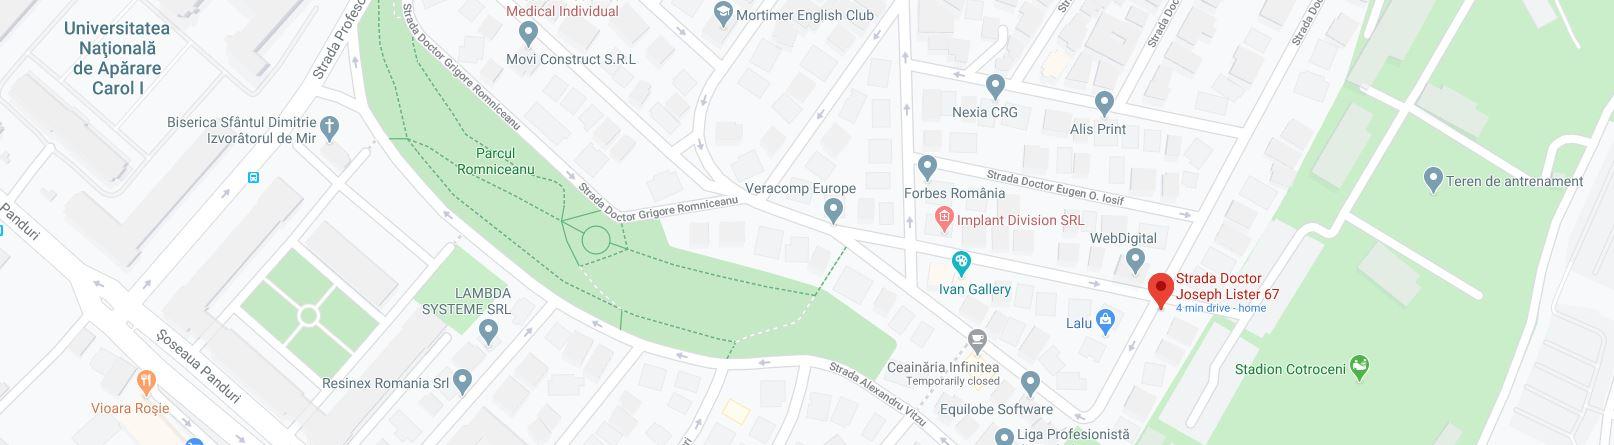 harta google maps poze imagini cadre fotografii vechi bucuresti interbelic cartier cotroceni anul 1941 strada doctor grecescu cu doctor lister autor willy pragher